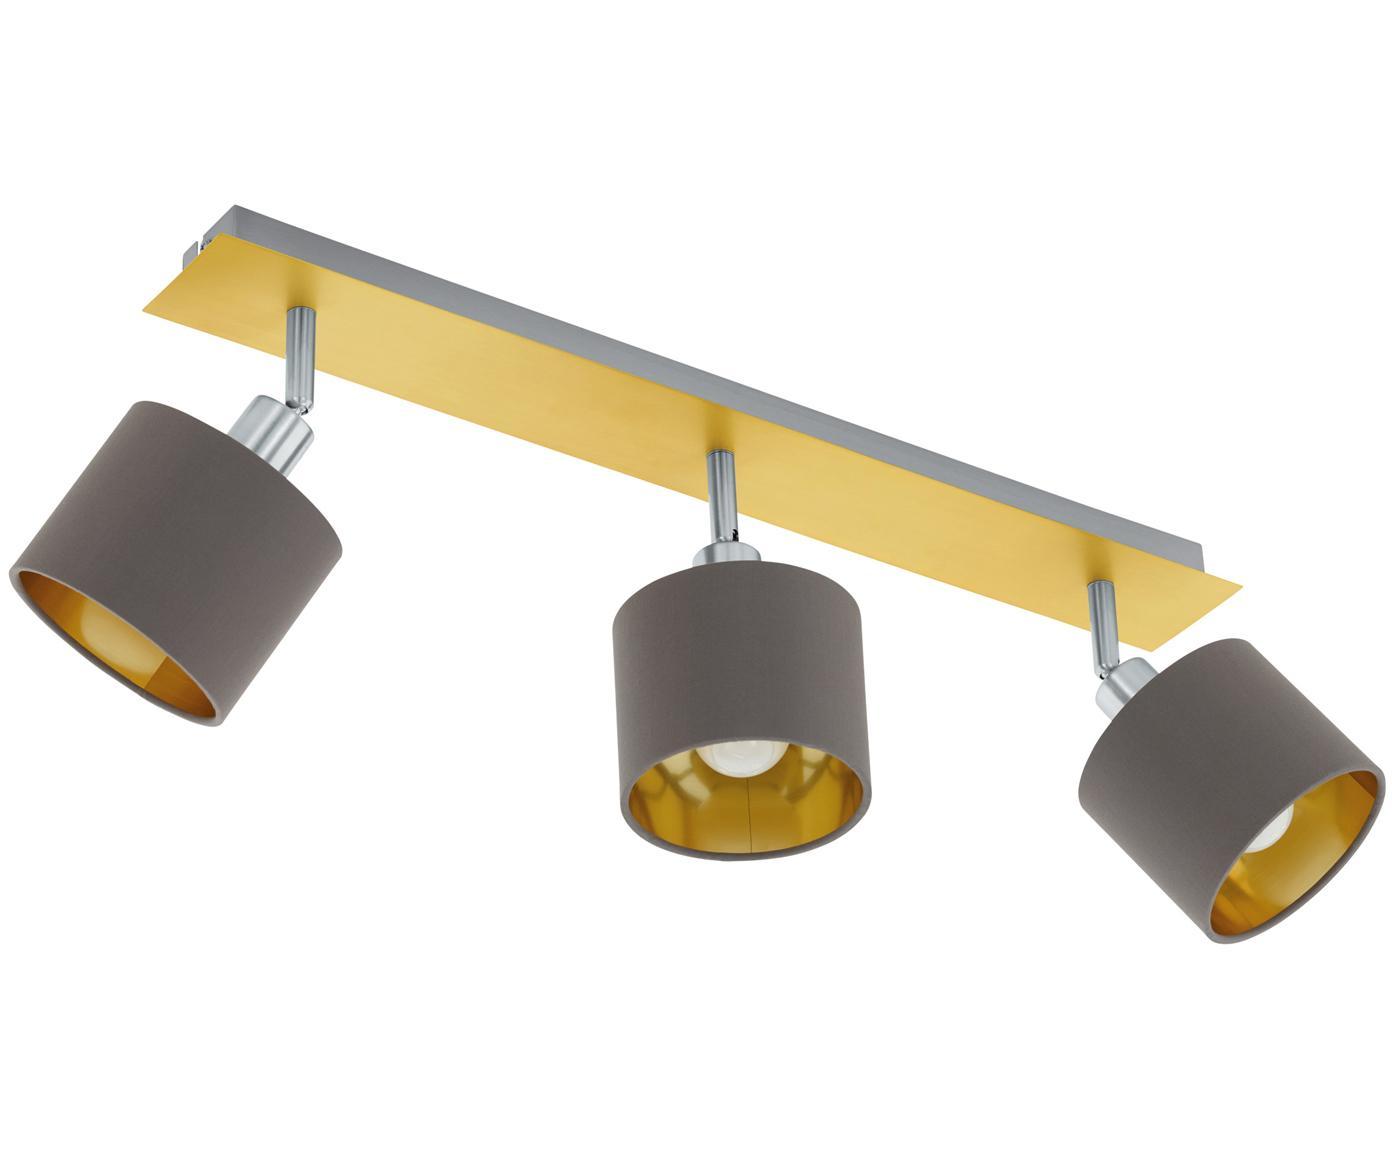 Faretti da soffitto Valbiano, Paralume: poliestere, Baldacchino: acciaio nichelato, ottone, Marrone, dorato, Larg. 56 x Alt. 20 cm